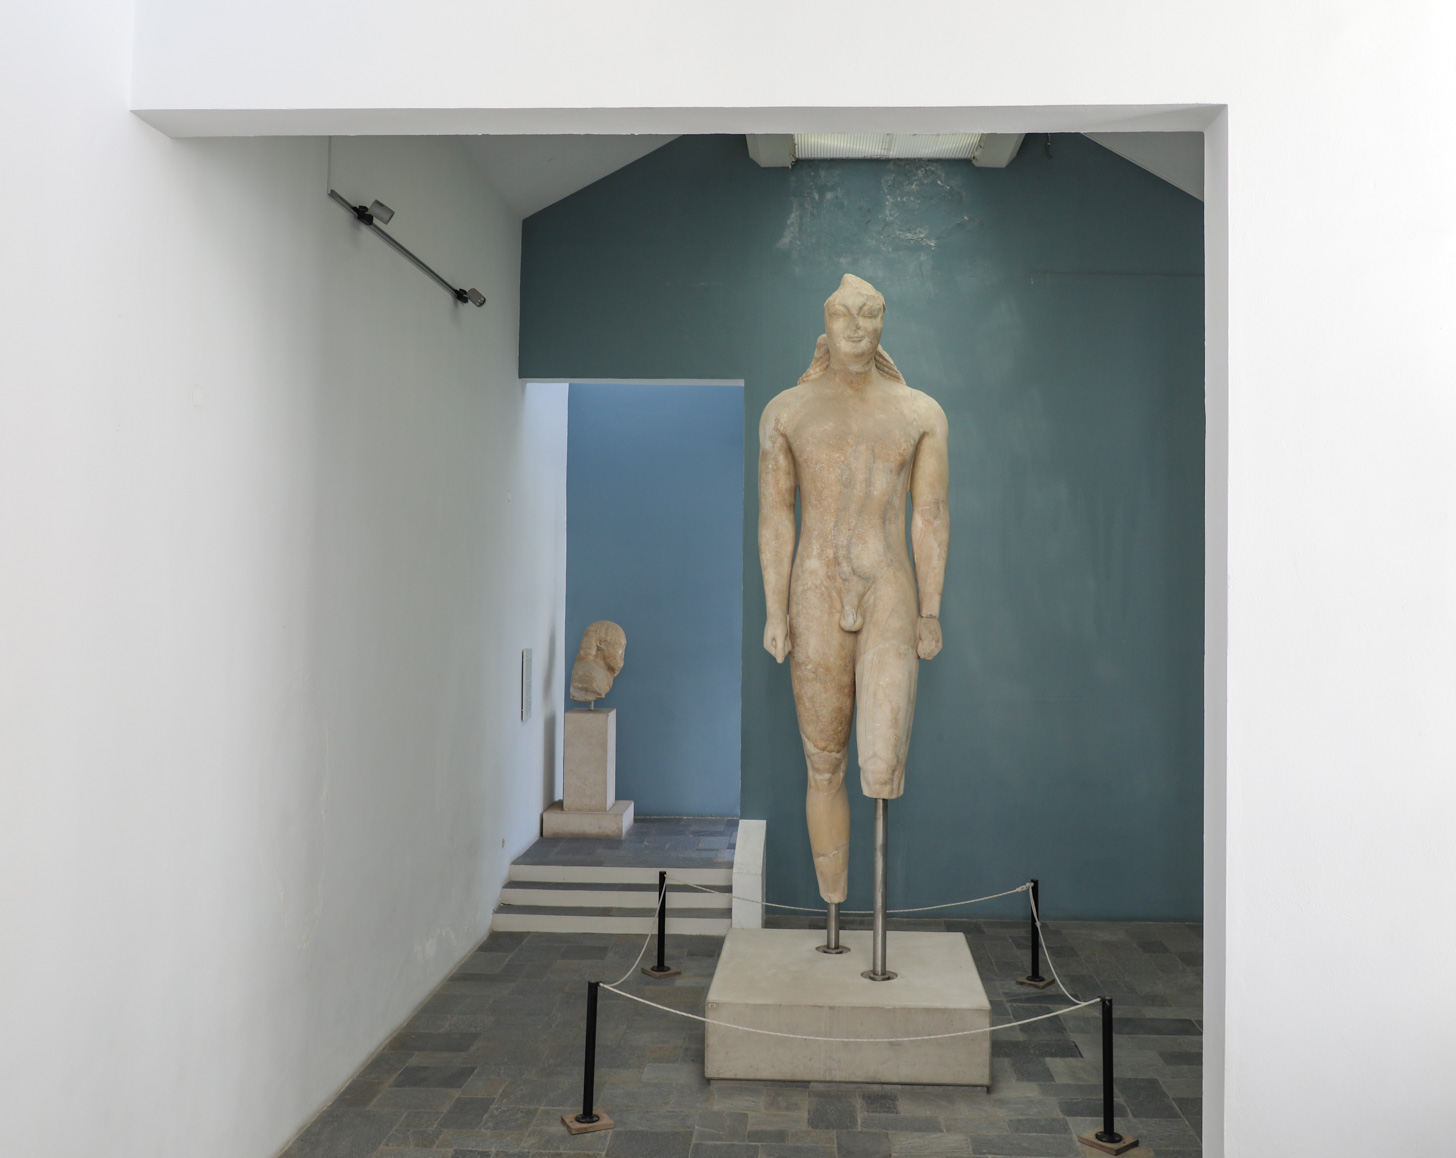 De beroemde kouros in het Archeologisch Museum in Vathy